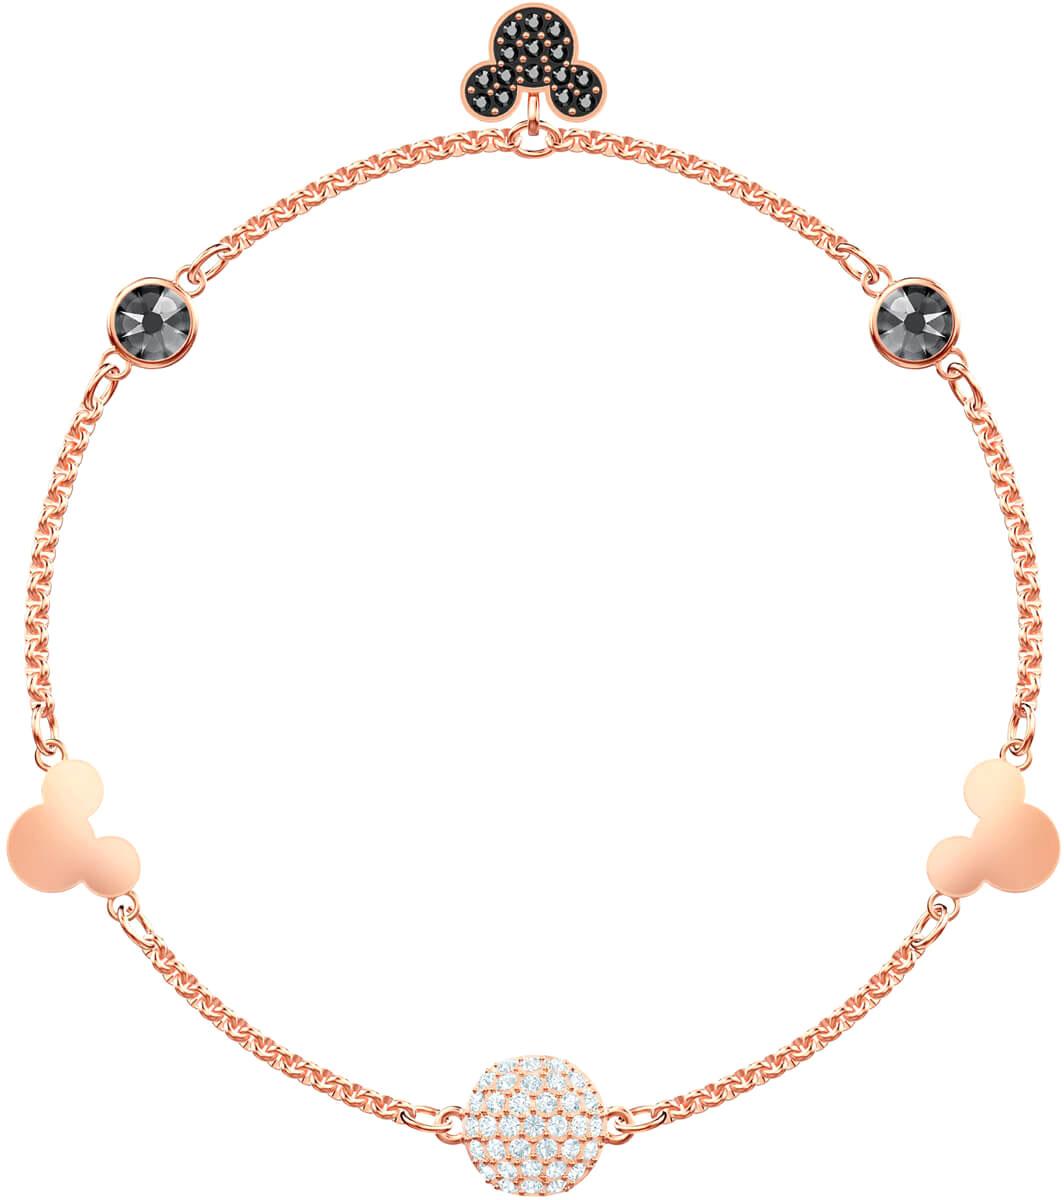 Браслеты Swarovski 5462360 муж wrap браслеты винтаж браслеты уникальный дизайн мода браслеты черный коричневый назначение новогодние подарки спорт